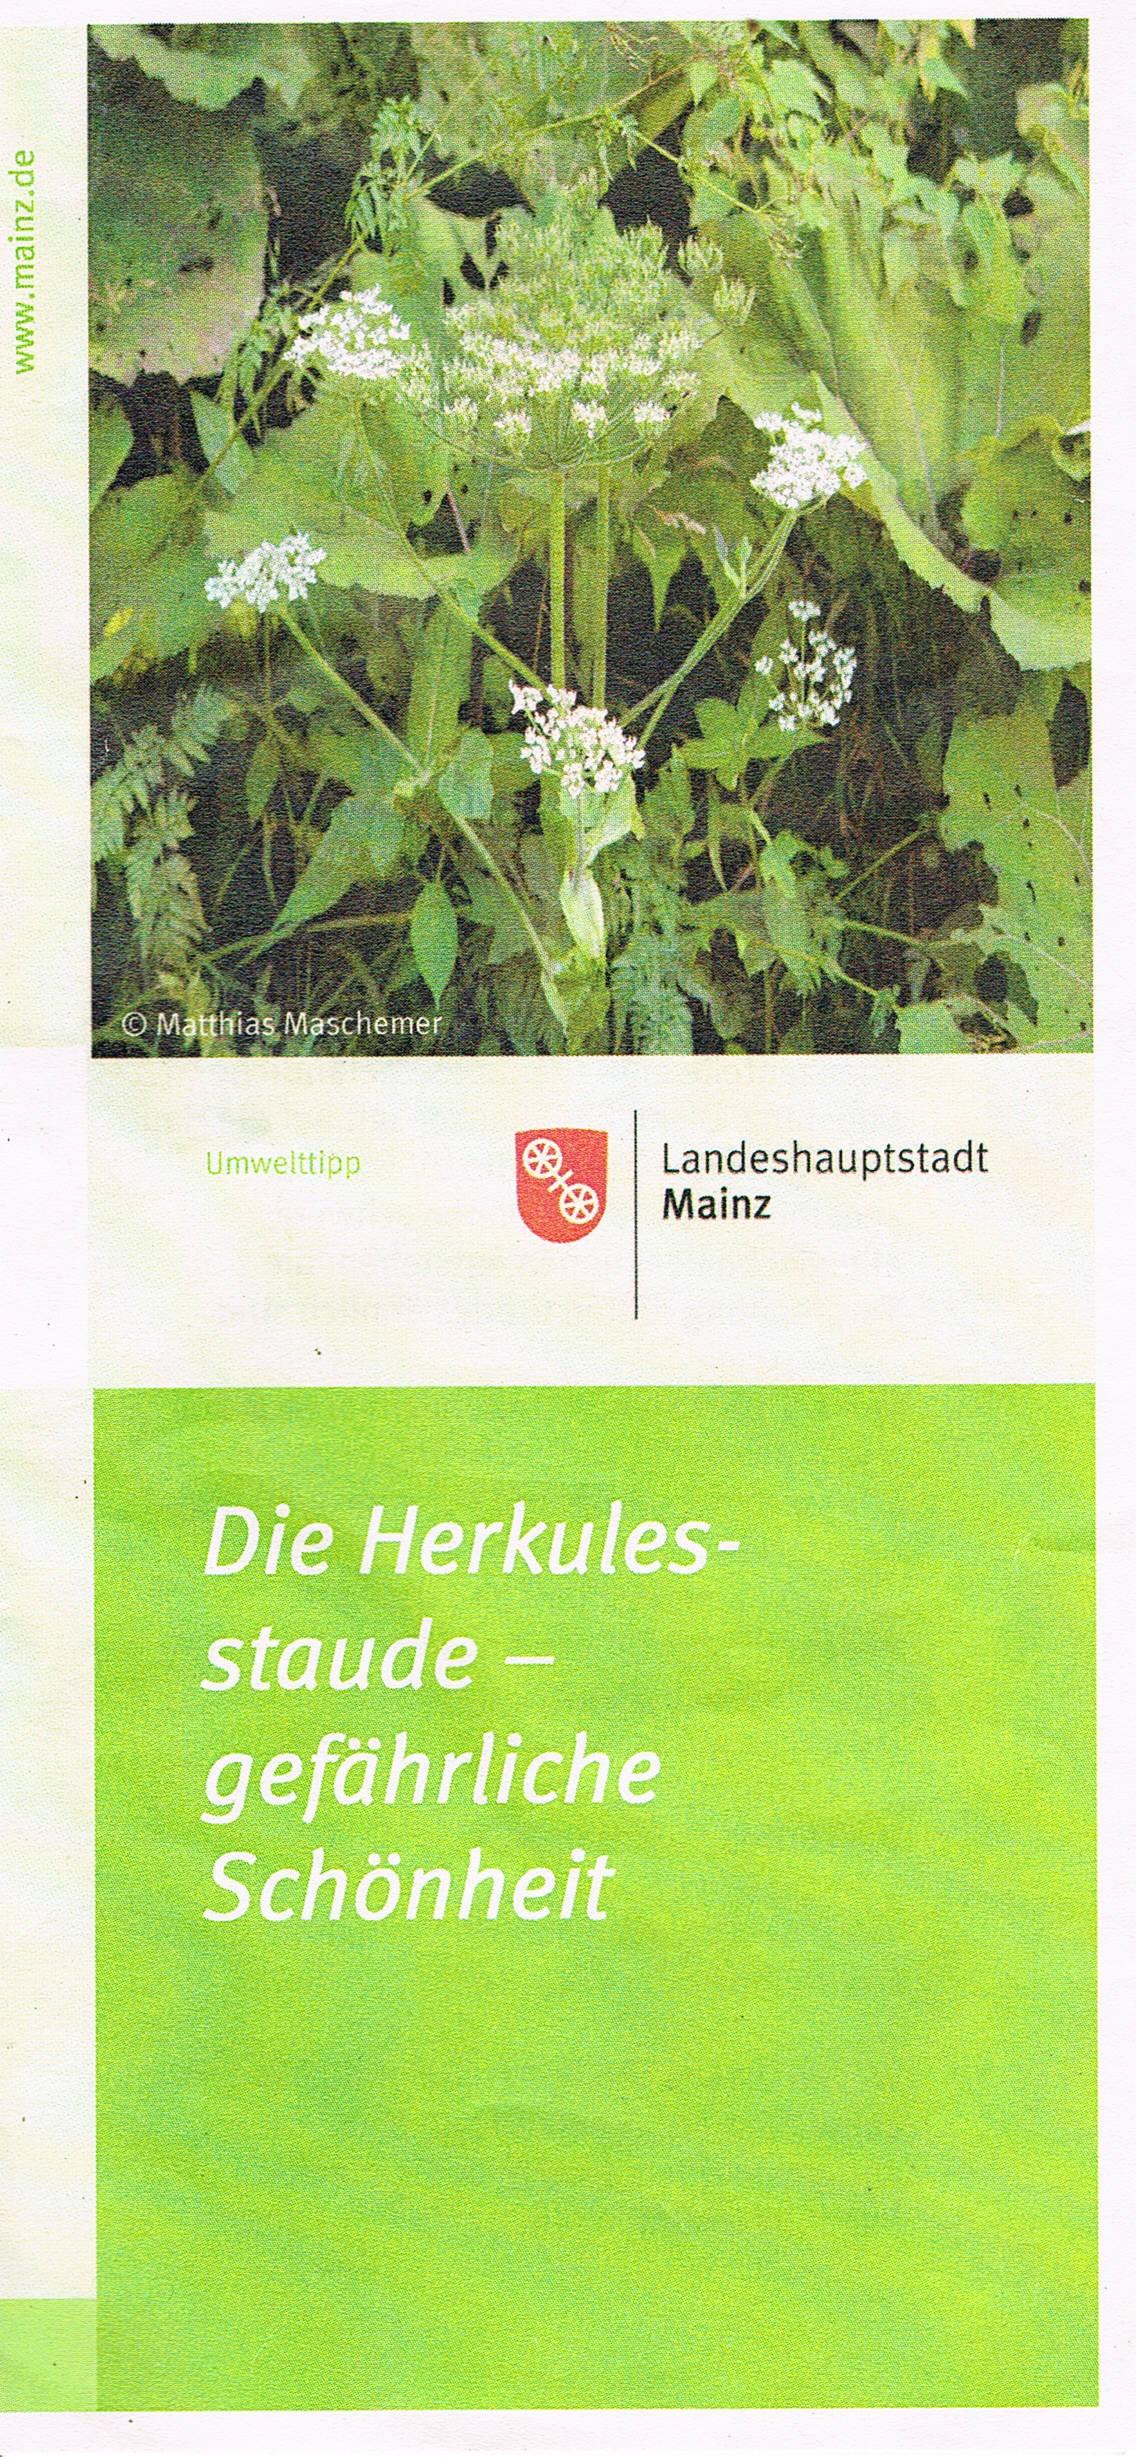 Stadt Mainz, Umwelttipp Herkulesstaude